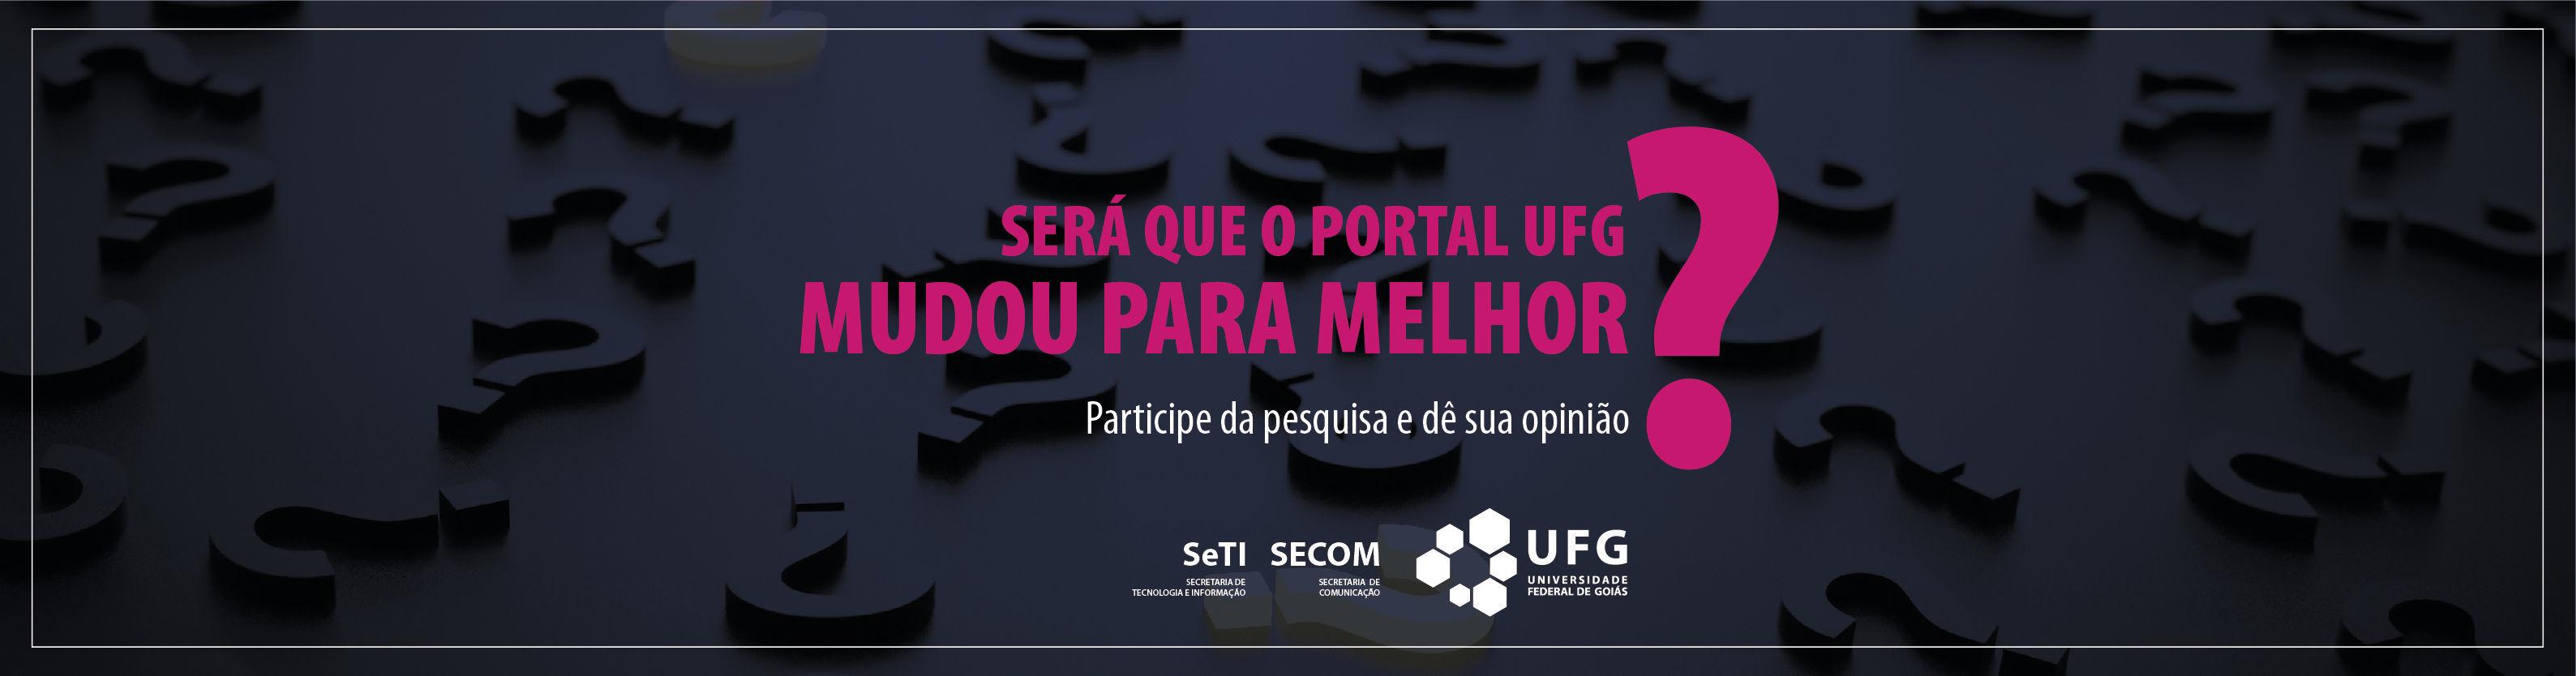 Ícone para acesso à Pesquisa de melhoria do Portal UFG